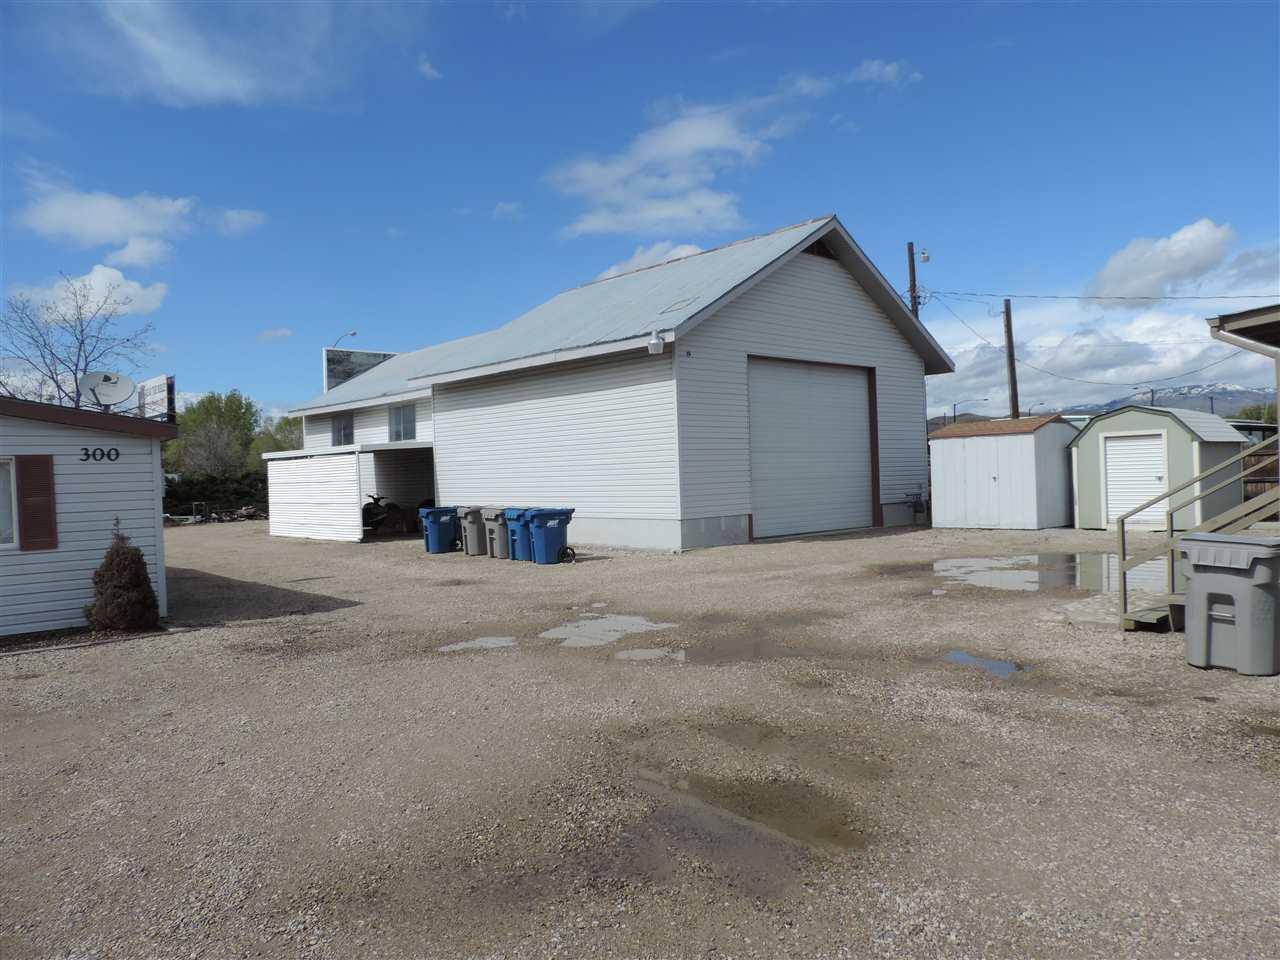 Casa Multifamiliar por un Venta en 300 E 41st And 302, 304,306 Garden City, Idaho 83714